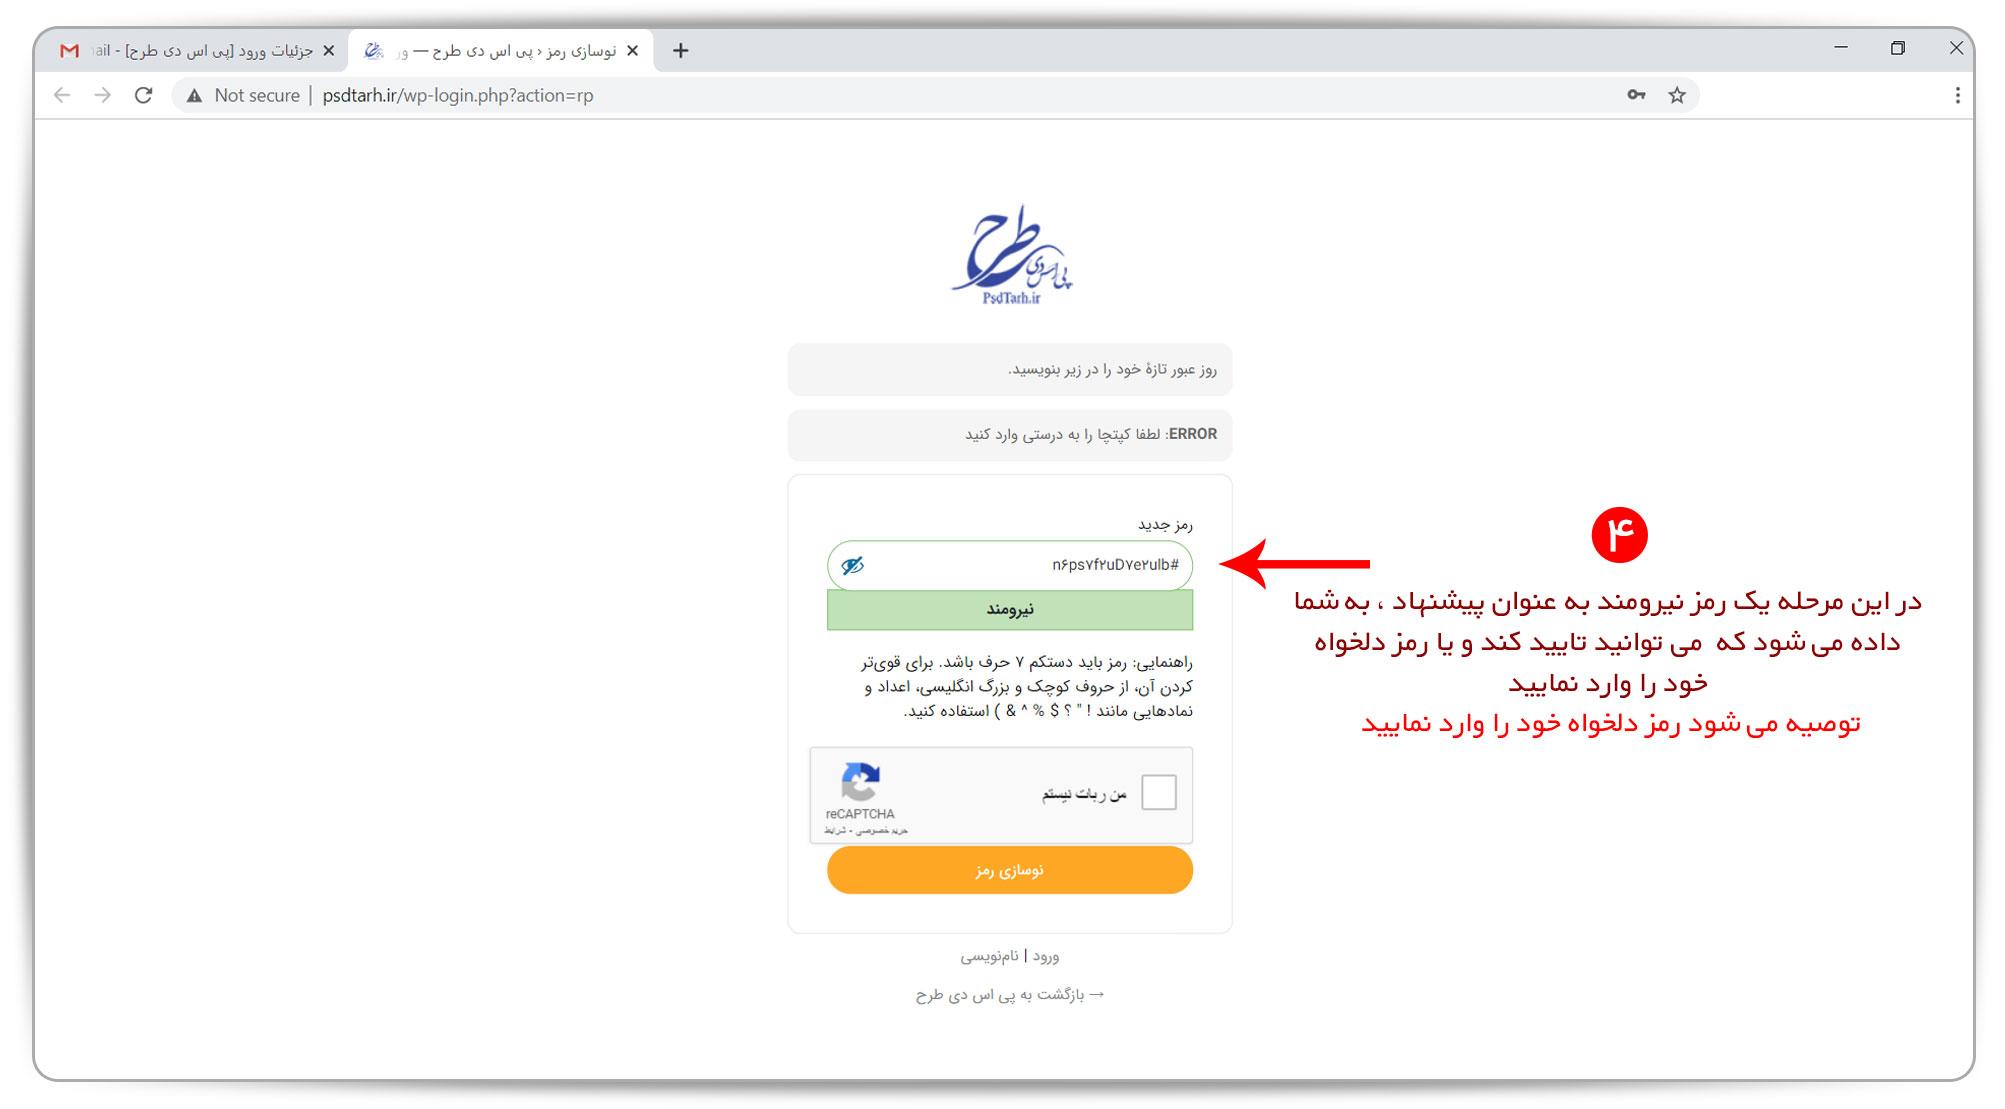 آموزش ثبت نام در سایت پی اس دی طرح مرحله چهارم